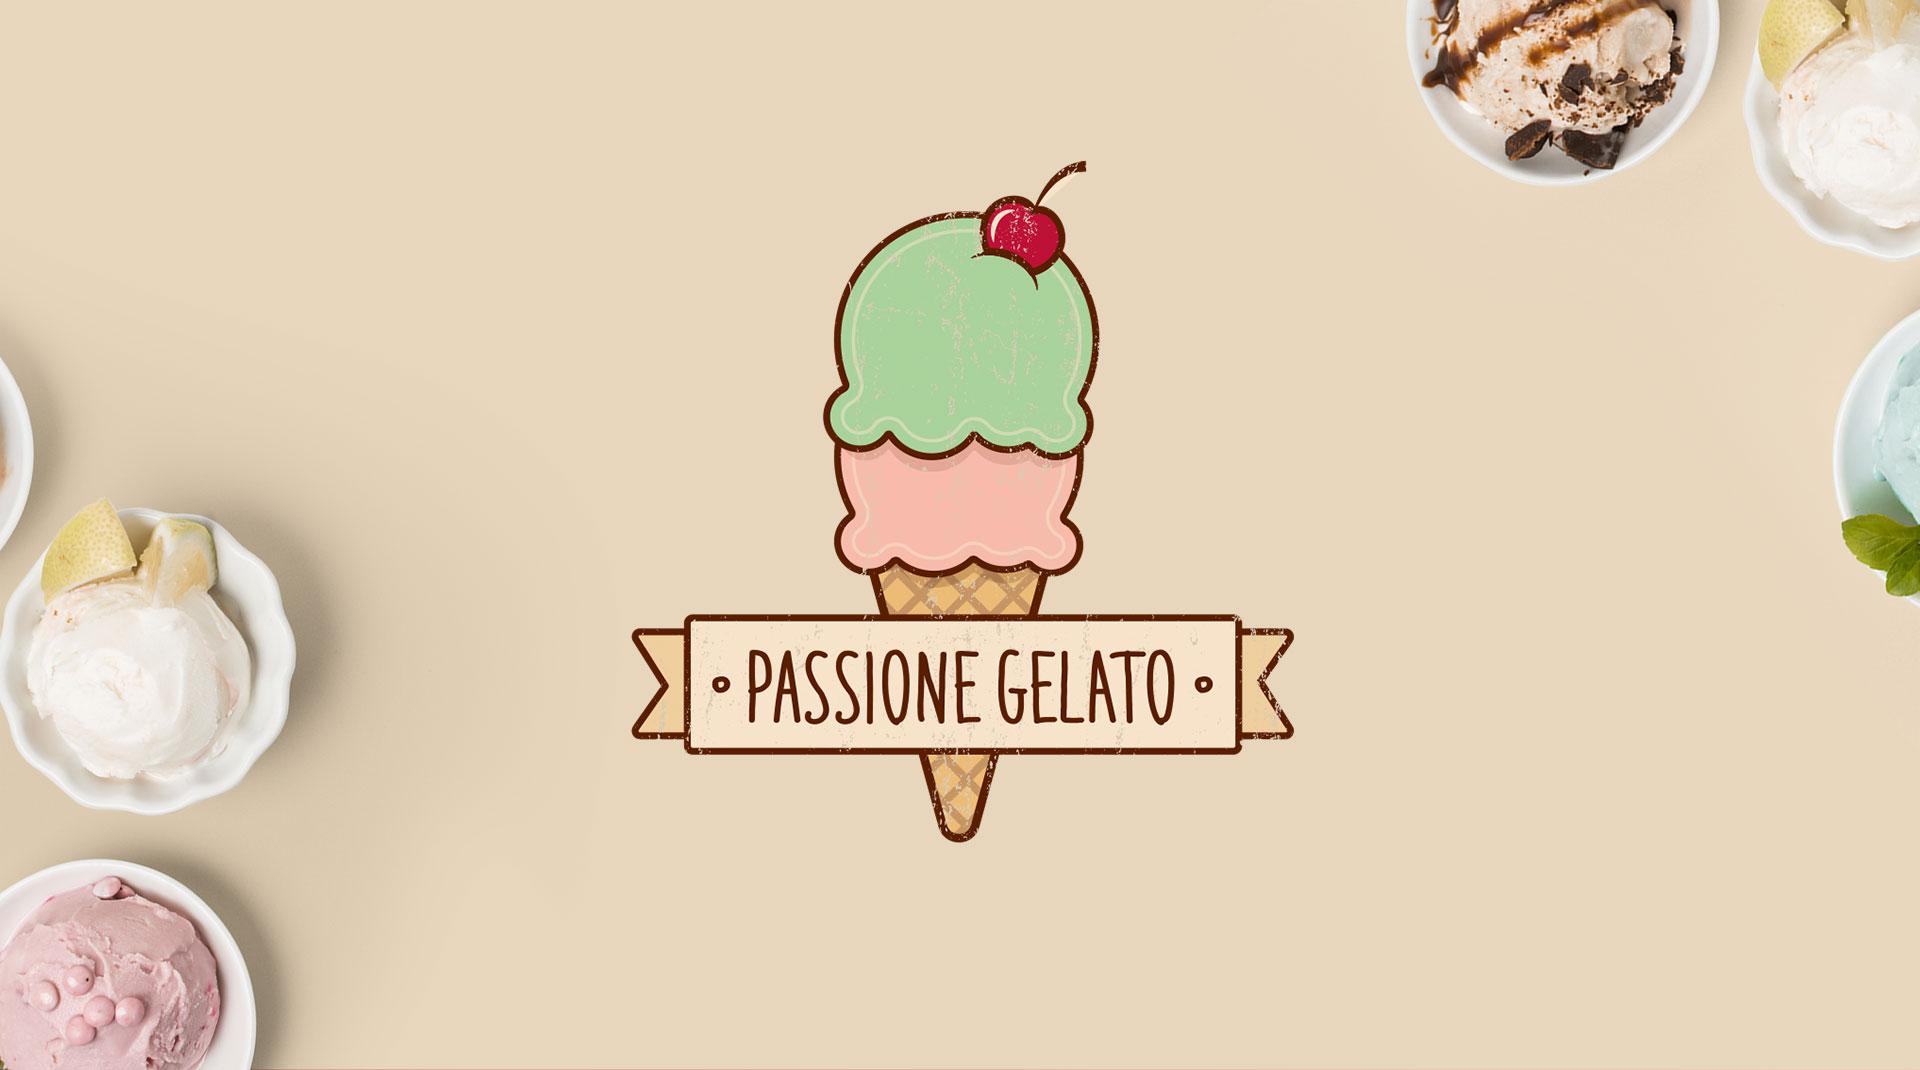 Passione-gelato-logo-016studio